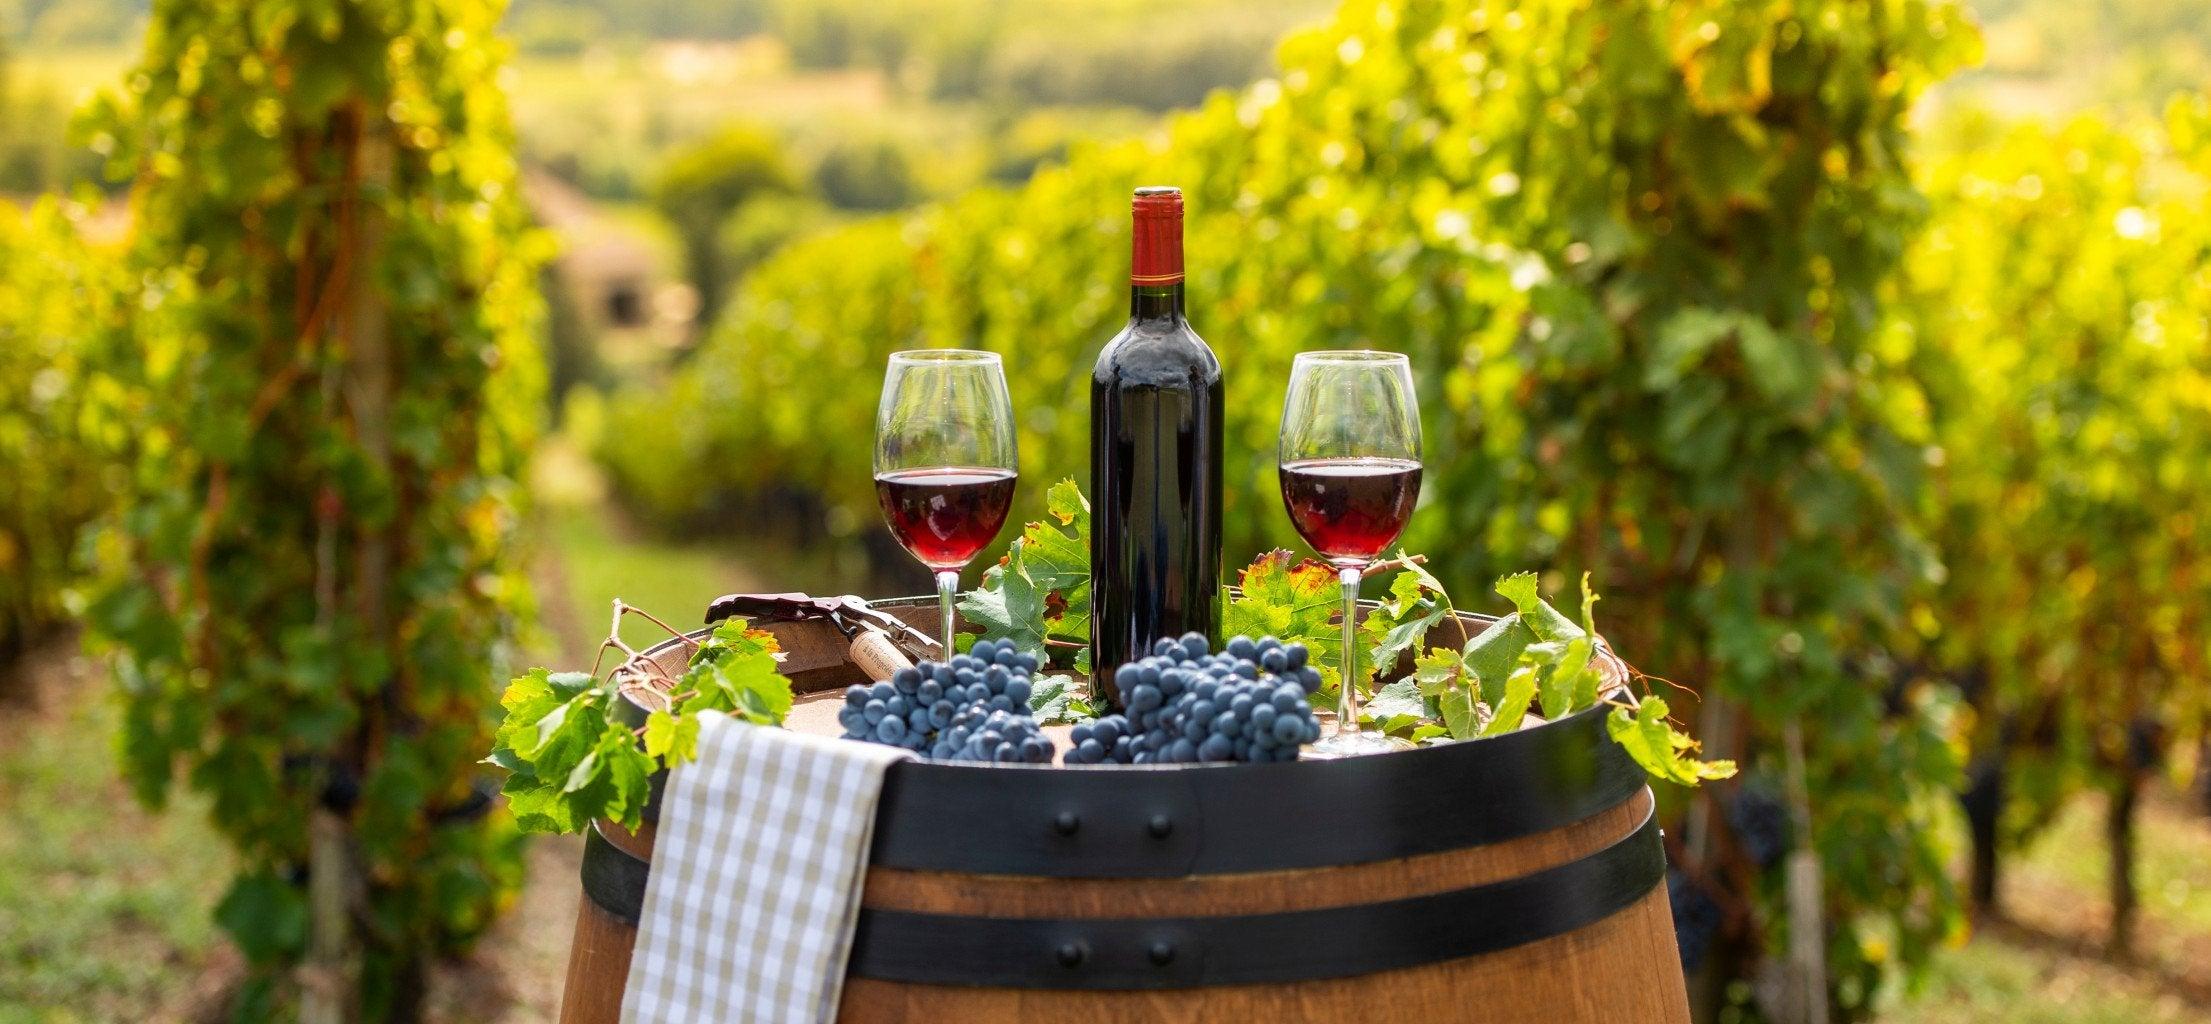 Gourmet Walking in Burgundy's Vineyards - Short Break